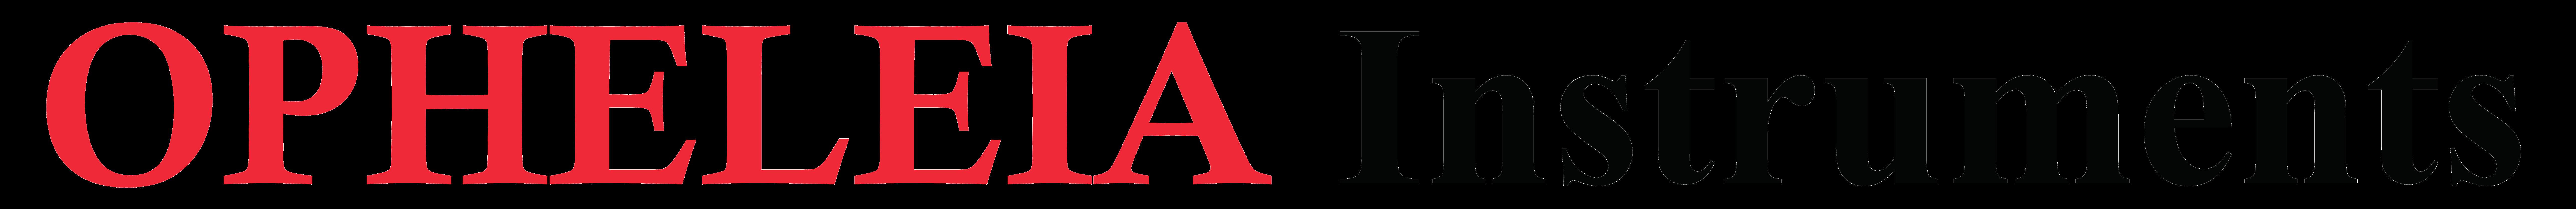 OPHELEIA-INSTRUMENTS-logo